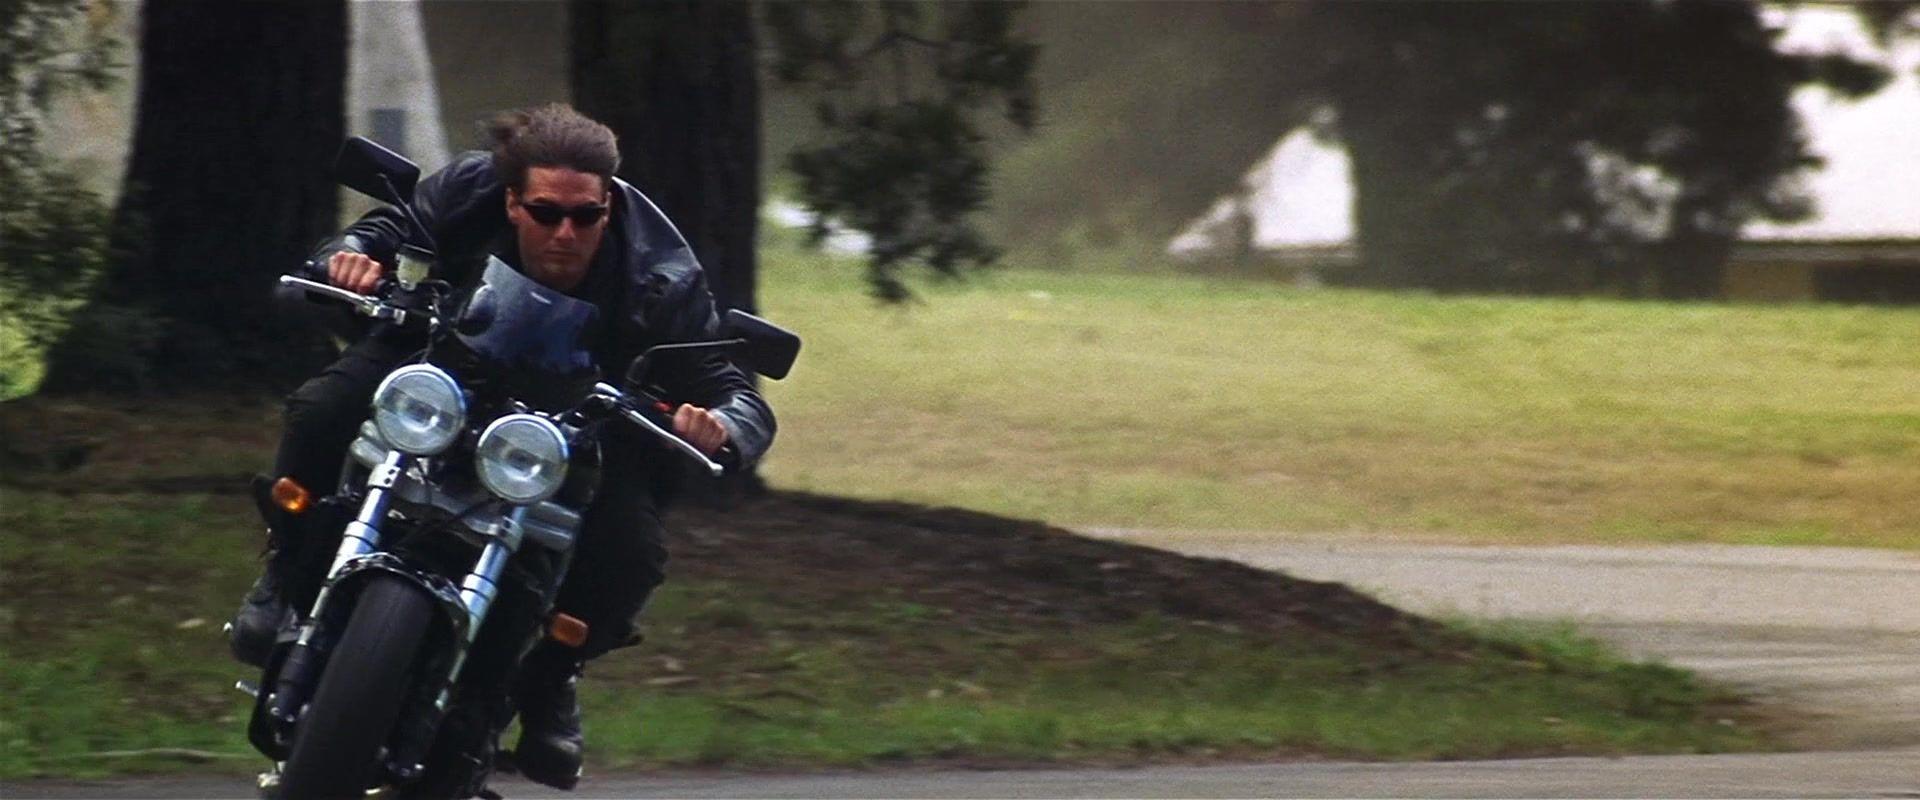 Ο Tom Cruise οδηγεί μια Triumph Speed Triple σε έναν δρόμο με γρασίδι